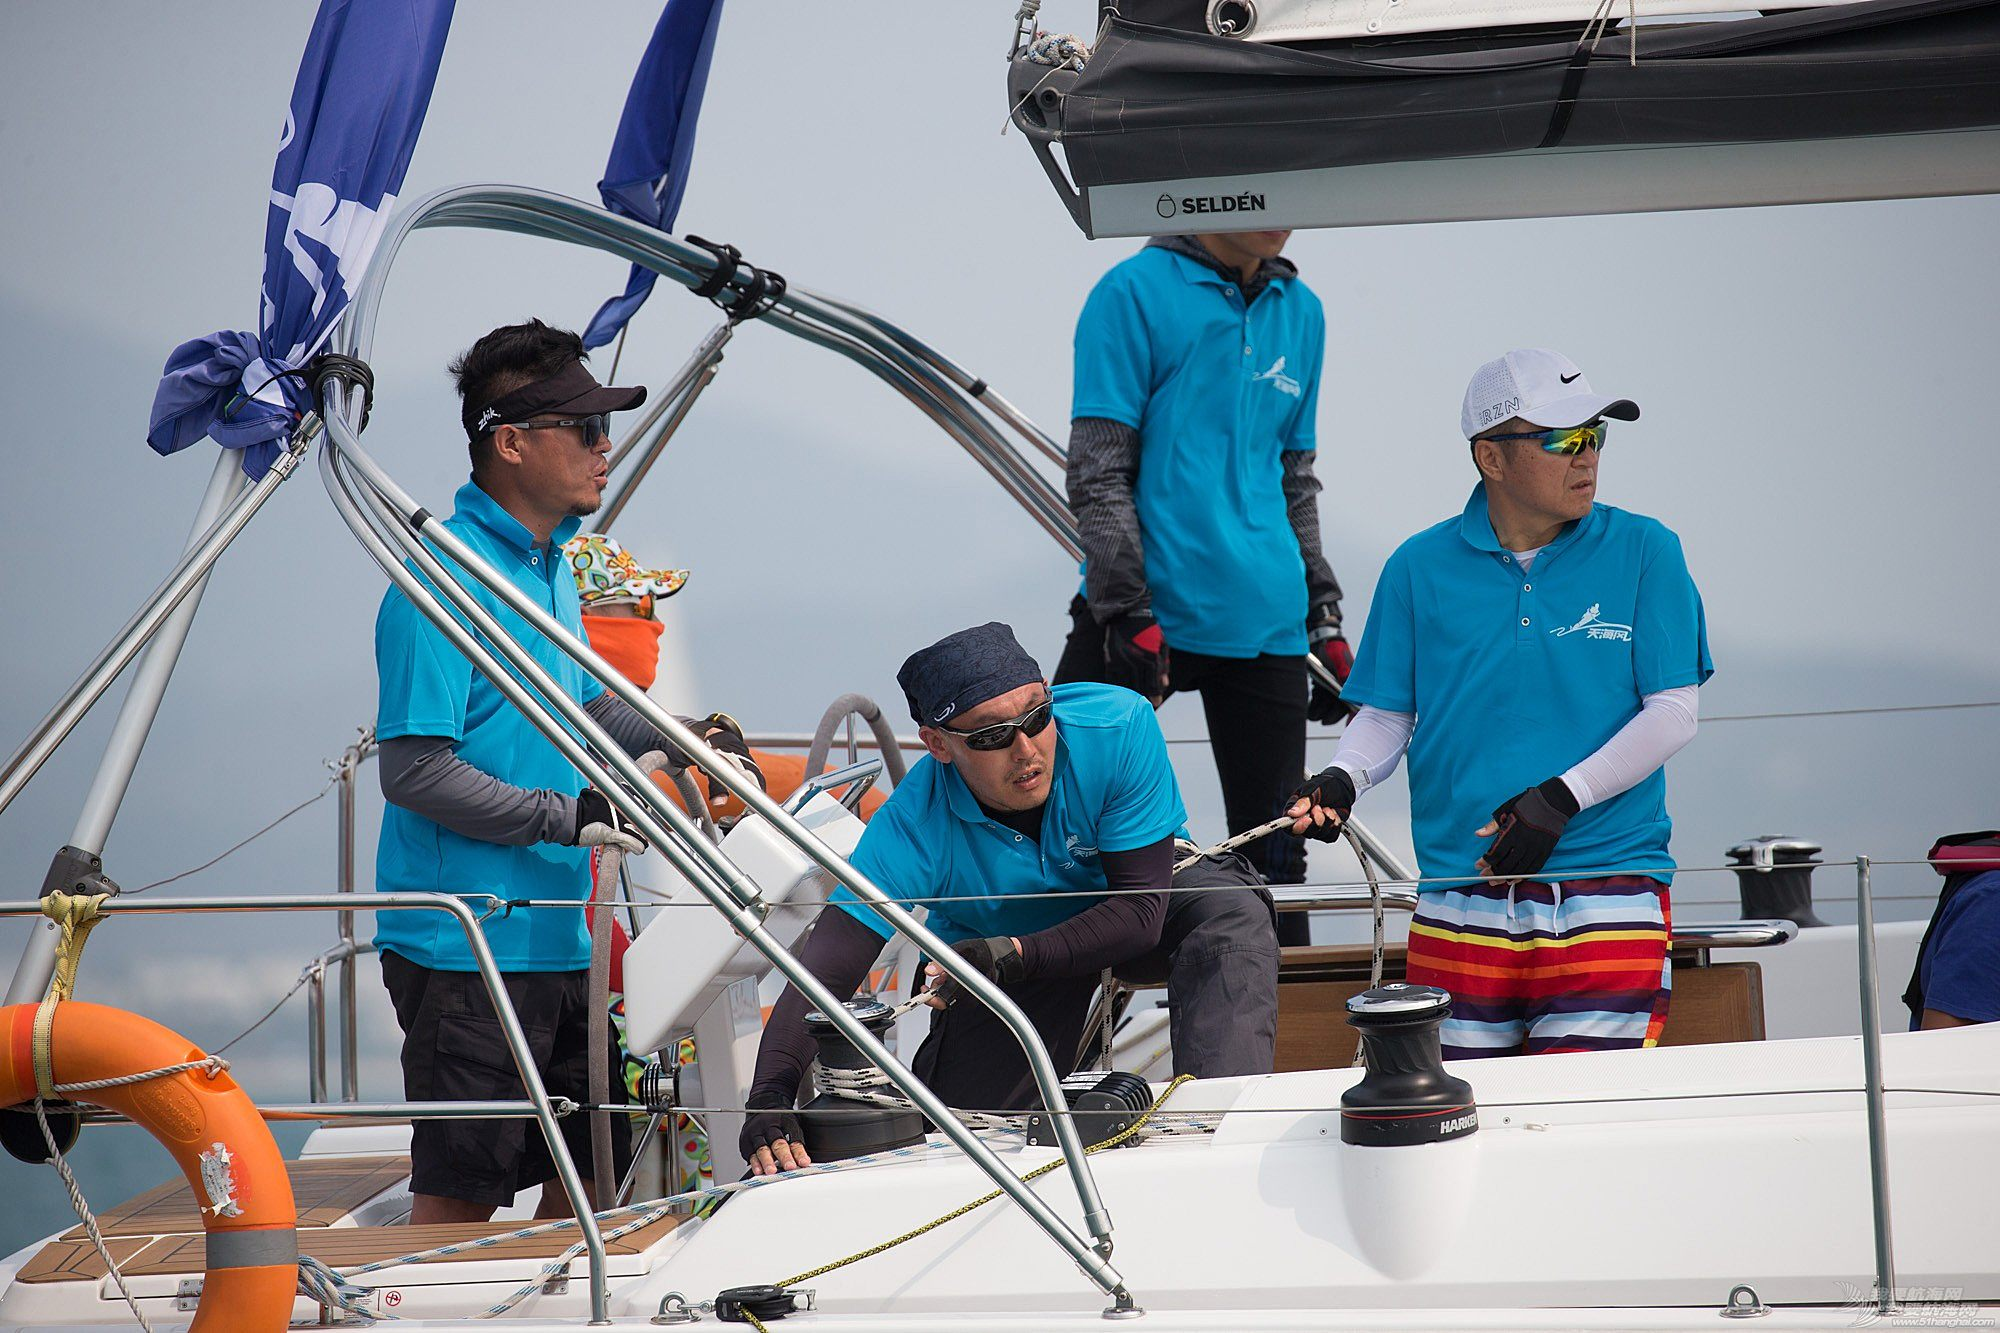 碧桂园杯2018第九届环海南岛国际大帆船赛IRC456组三亚场地赛赛事图片2